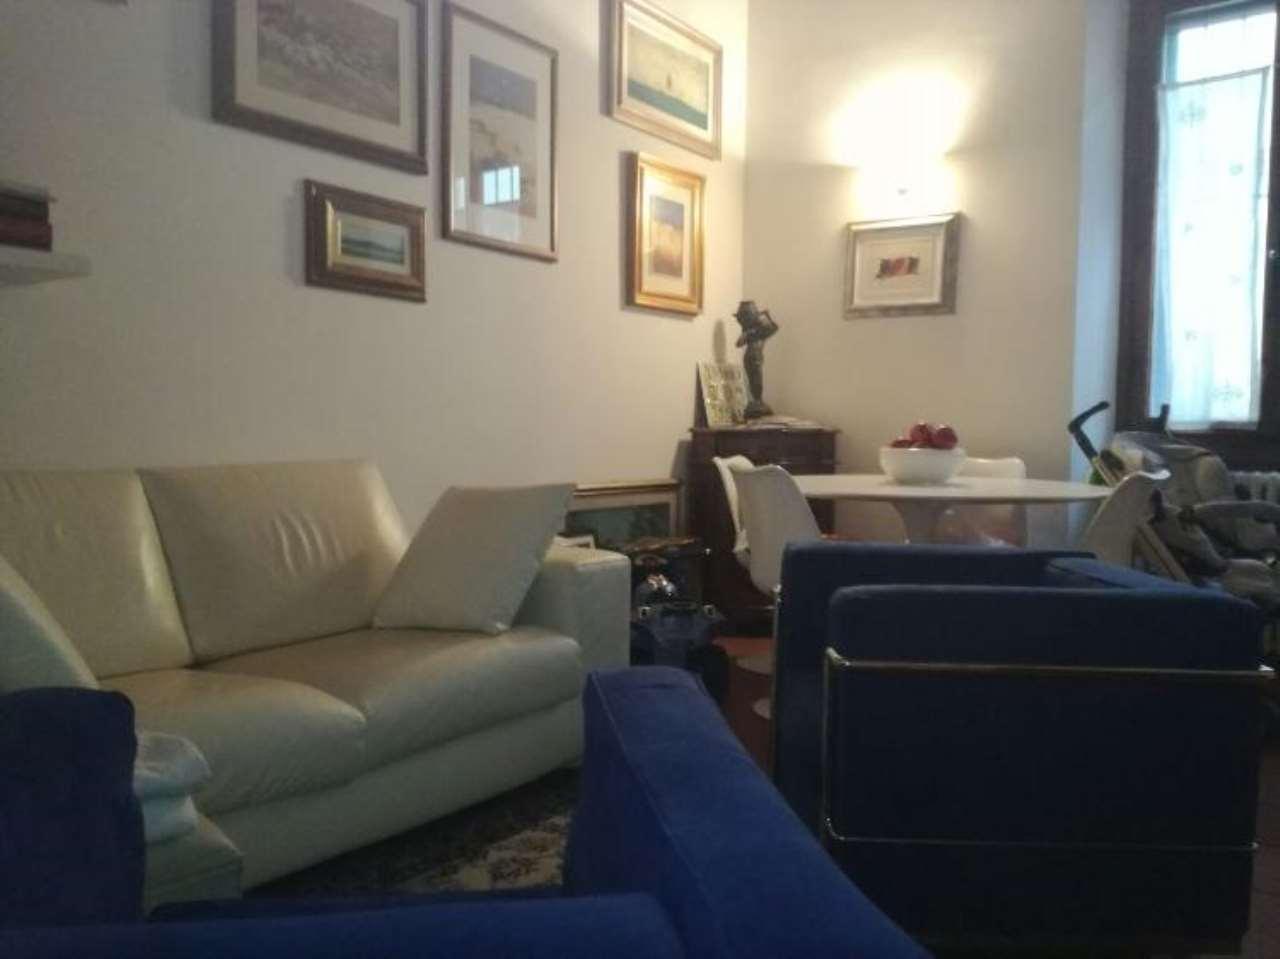 Appartamento in vendita 3 vani 60 mq.  via gioberti Firenze